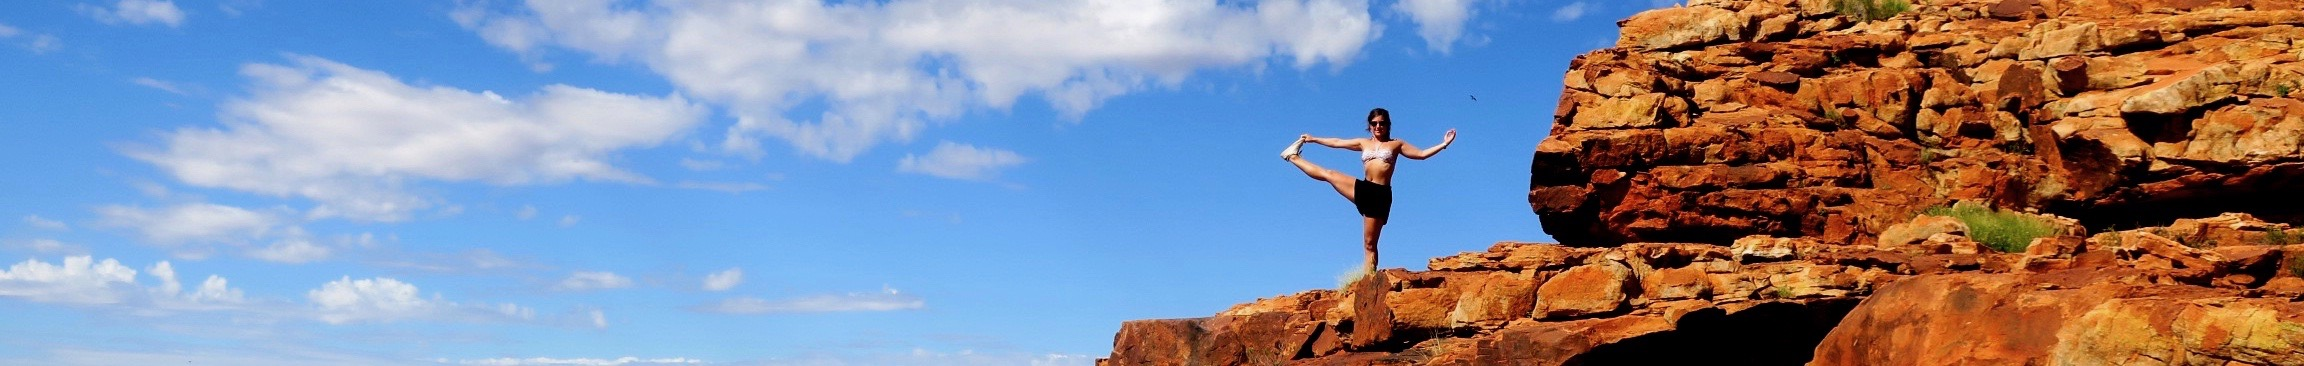 Yoga op reis in Australië